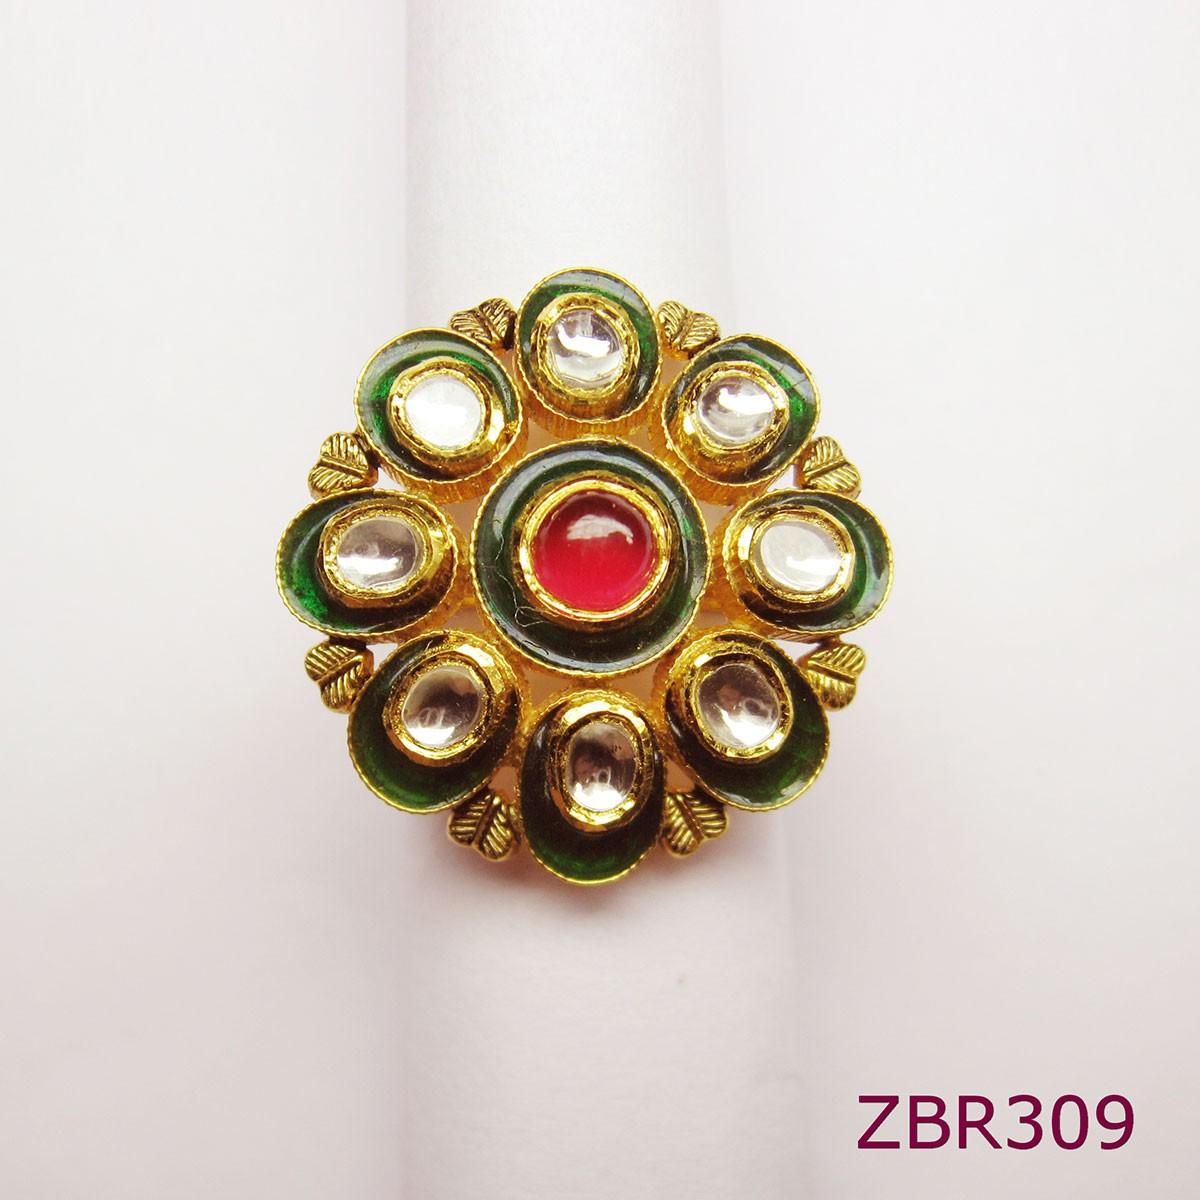 ZBR309